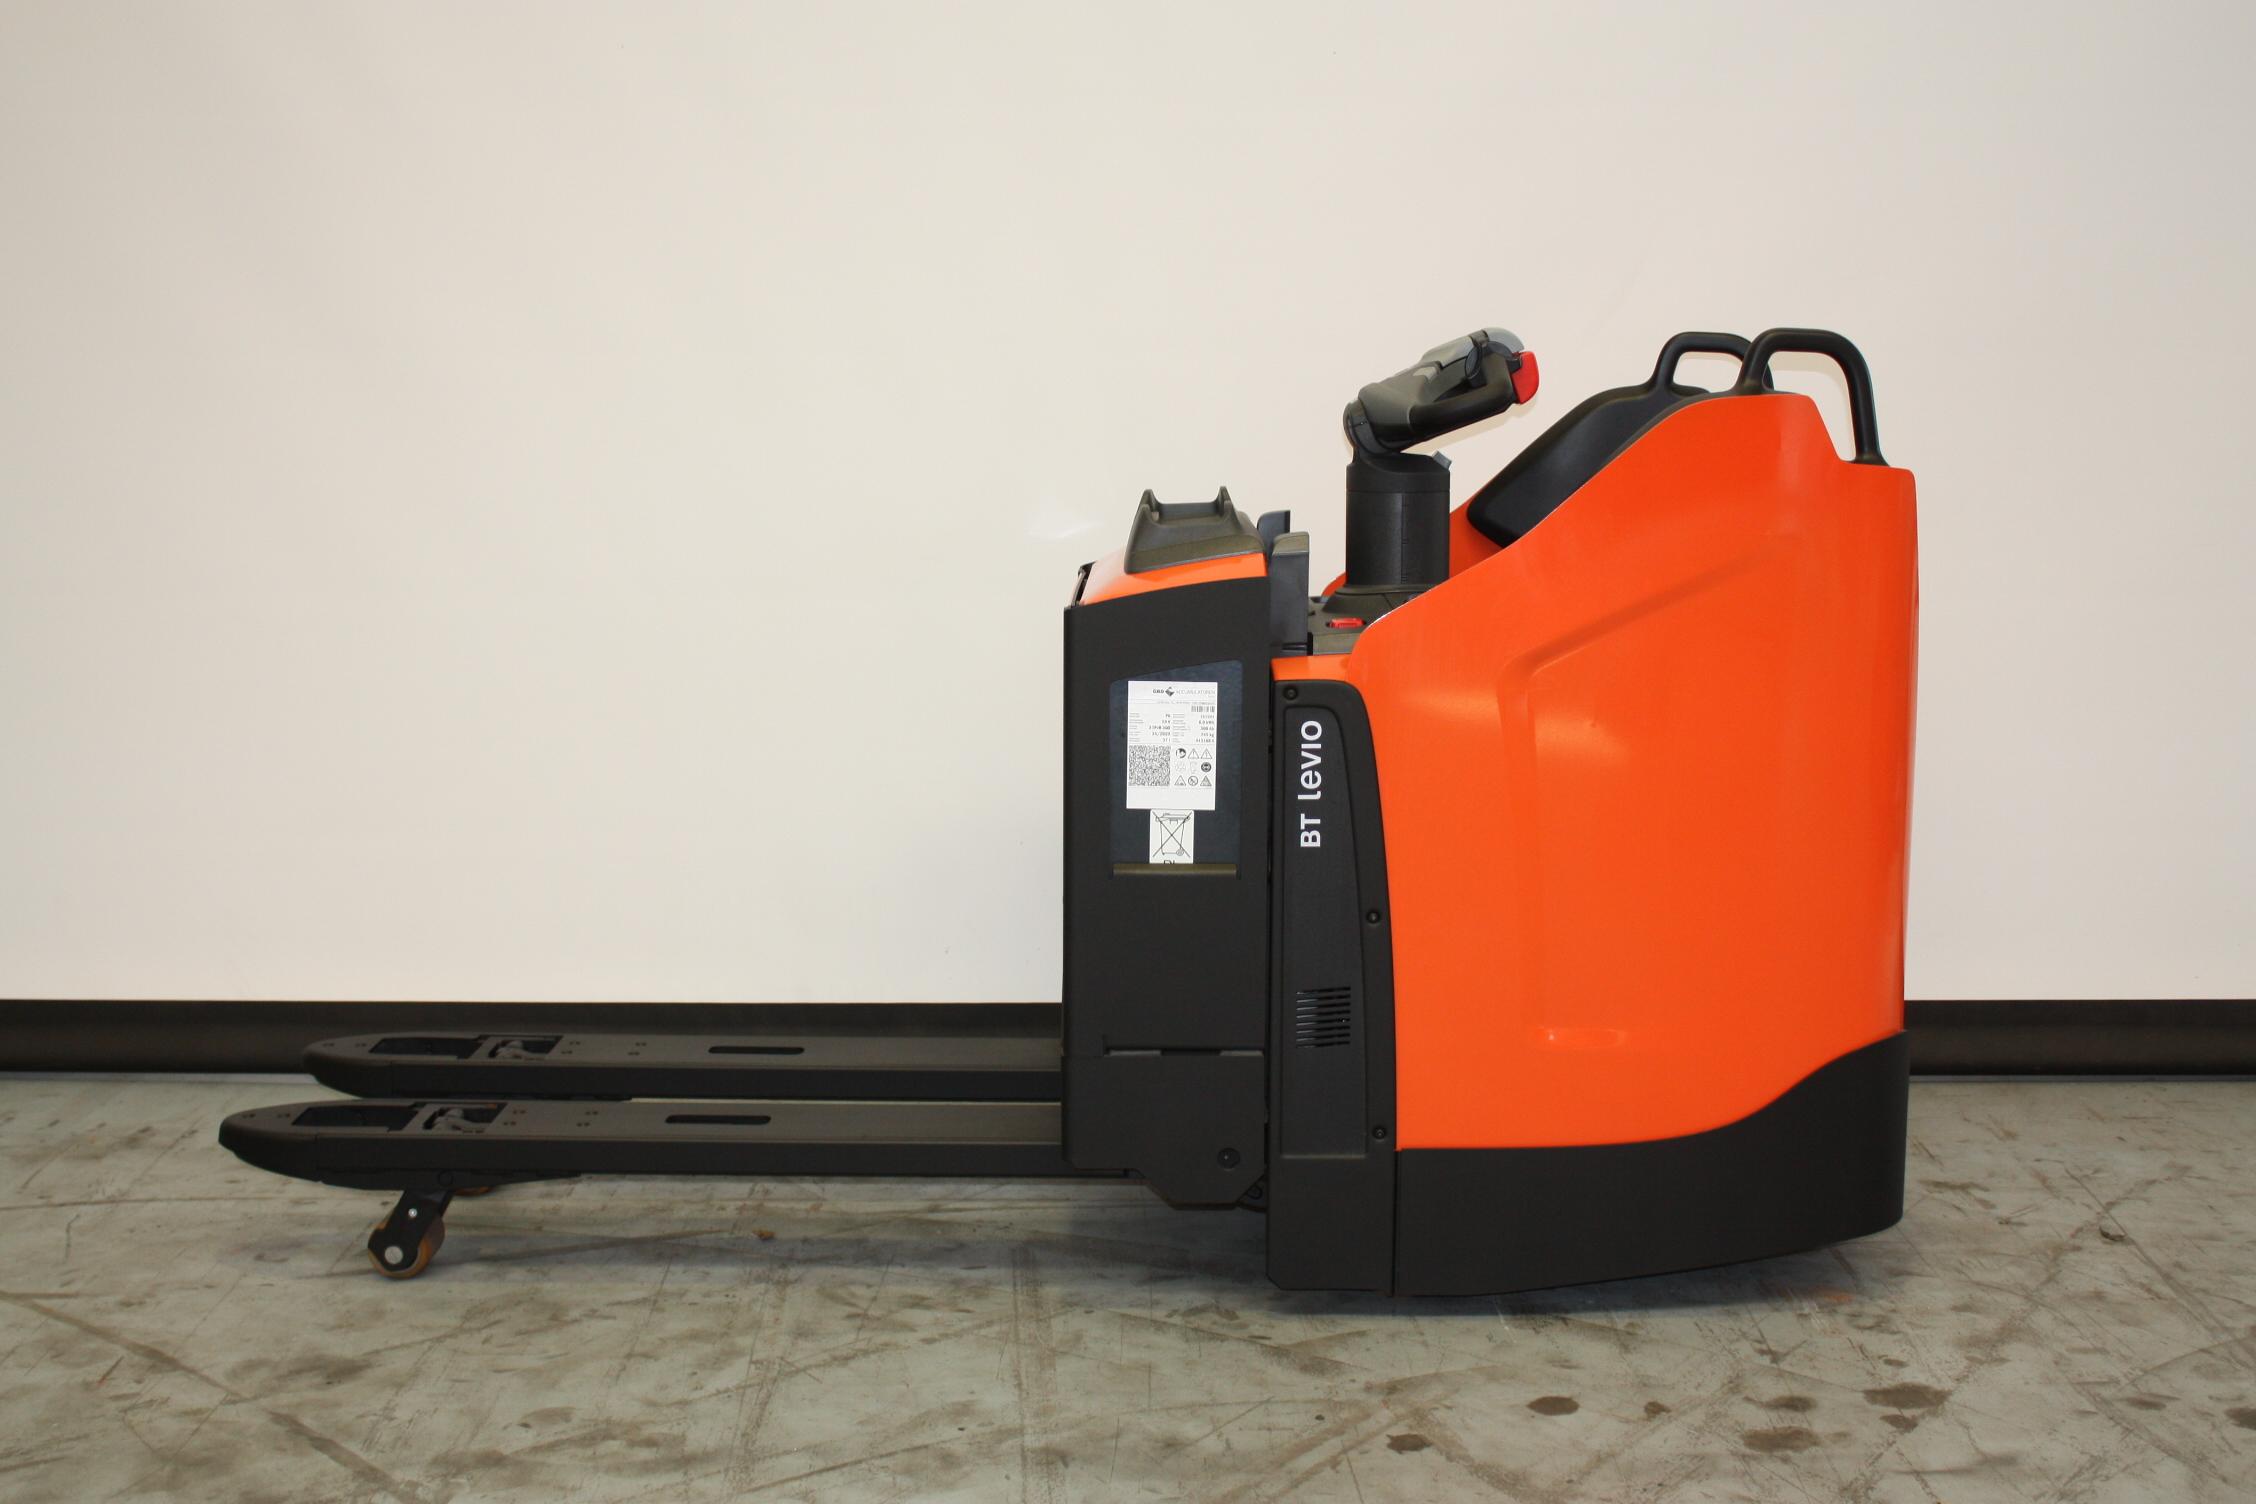 Toyota-Gabelstapler-59840 2003054446 1 68